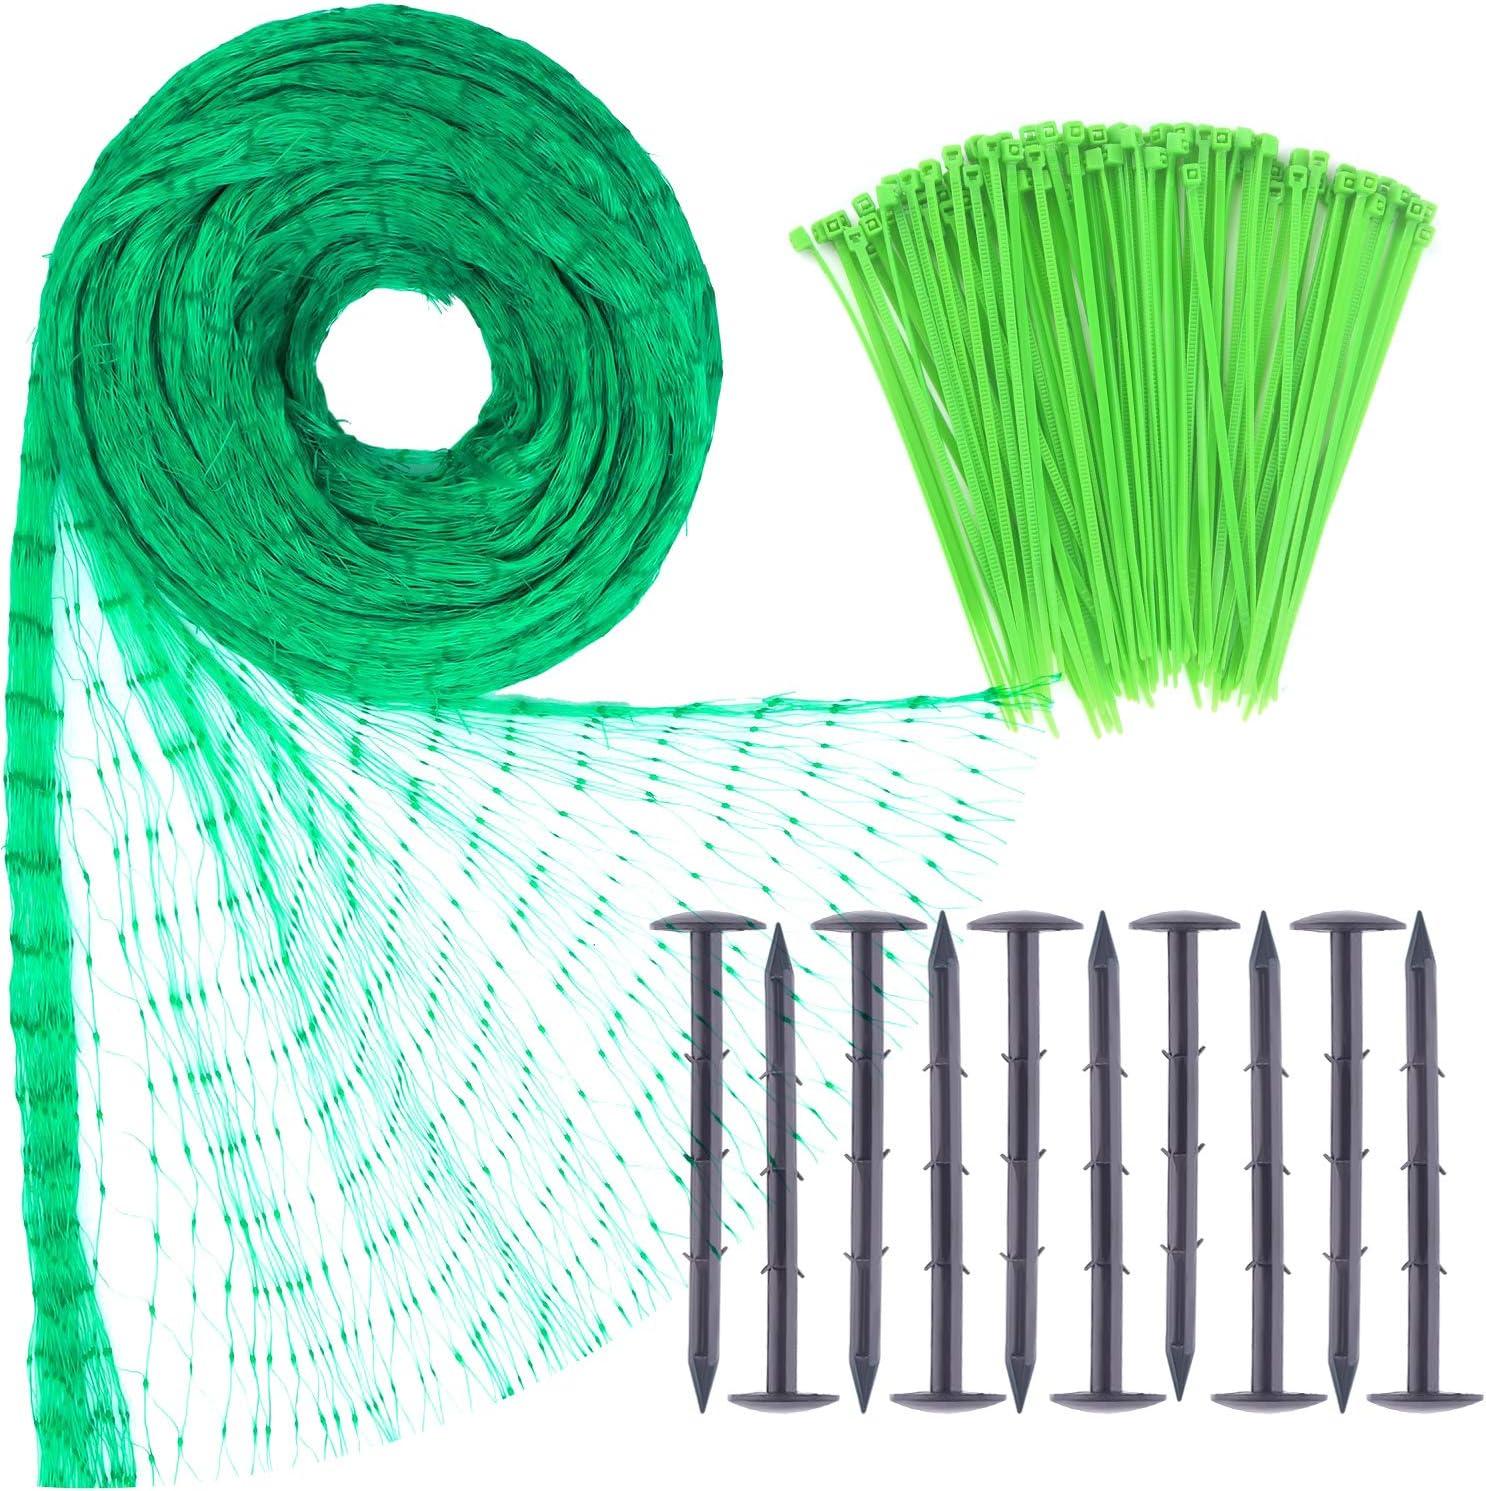 TUPARKA 4m x 10m Red de Malla antipájaros Protege contra roedores Mallas de Aves con 100 Piezas de Bridas de Nylon y 10 Piezas de Clavijas de Seguridad para jardín